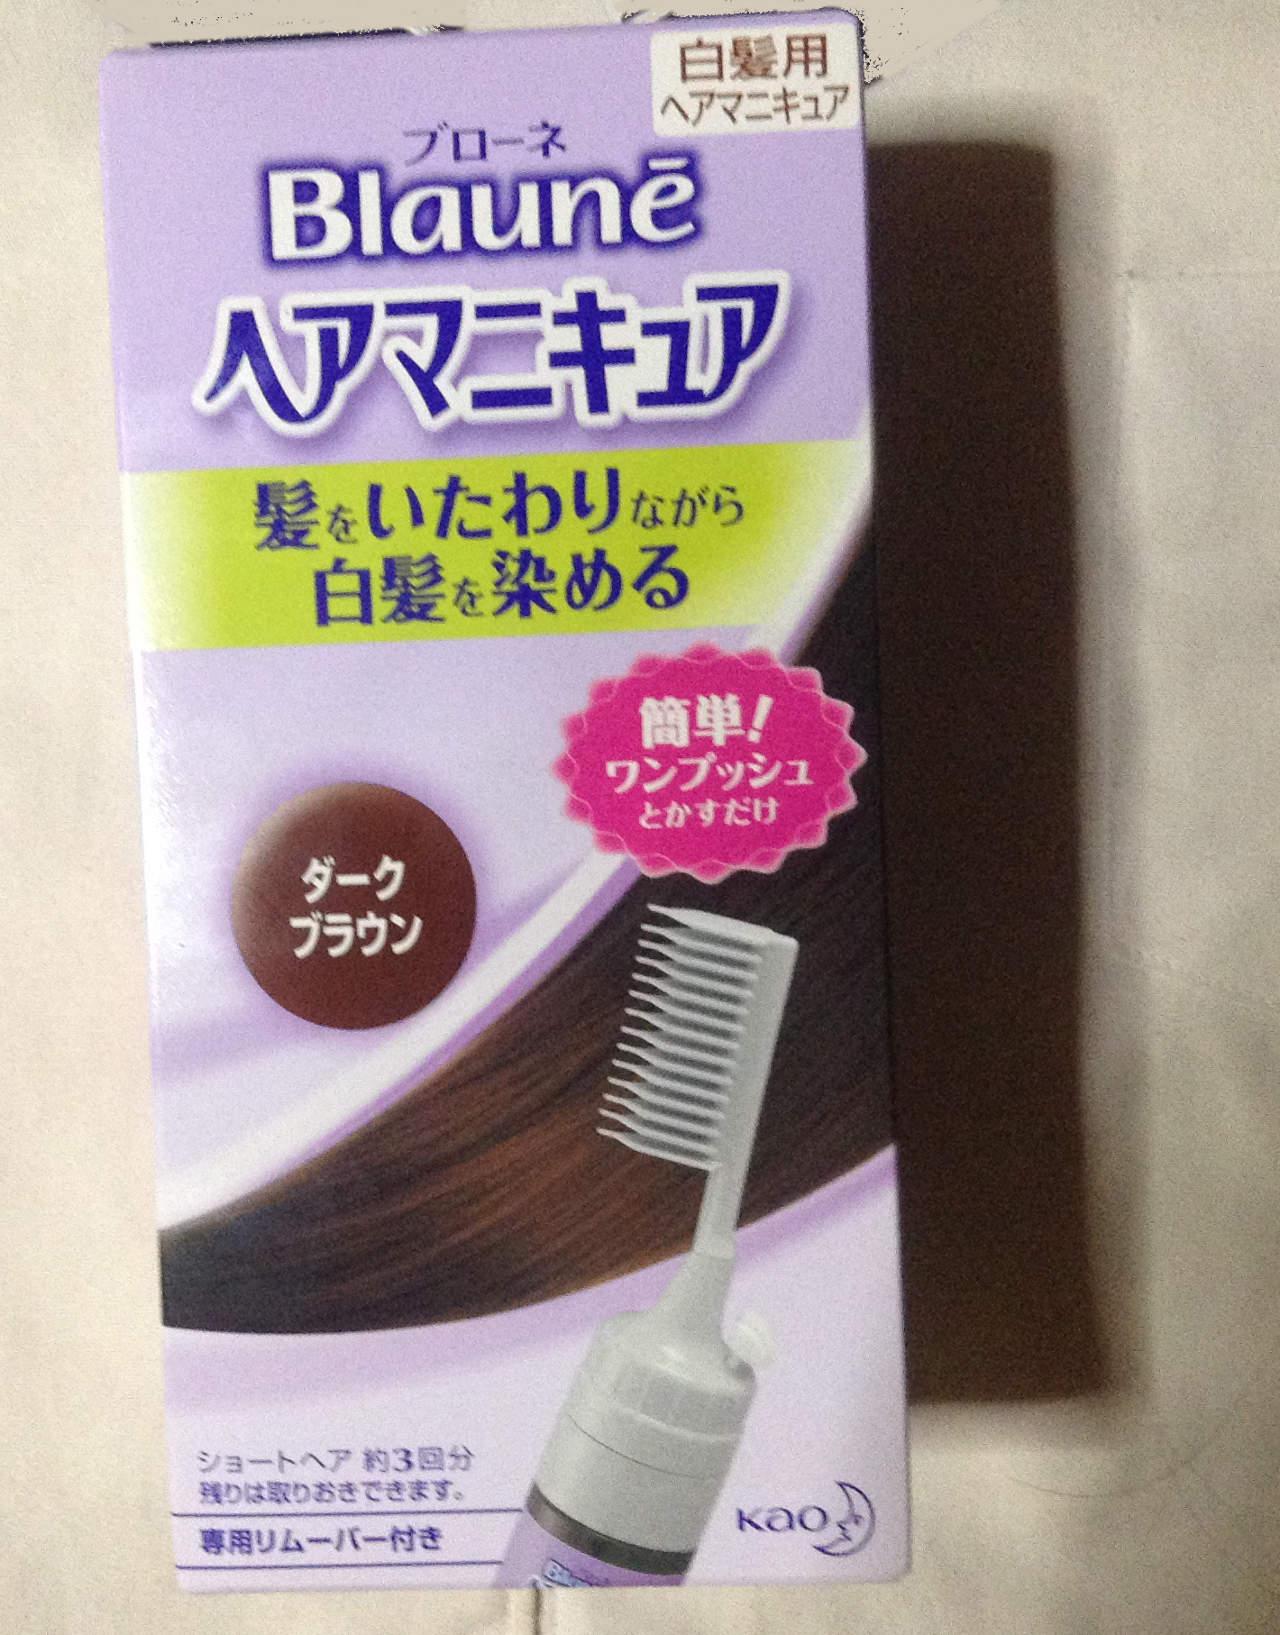 ブローネヘアマニキュア 白髪染め